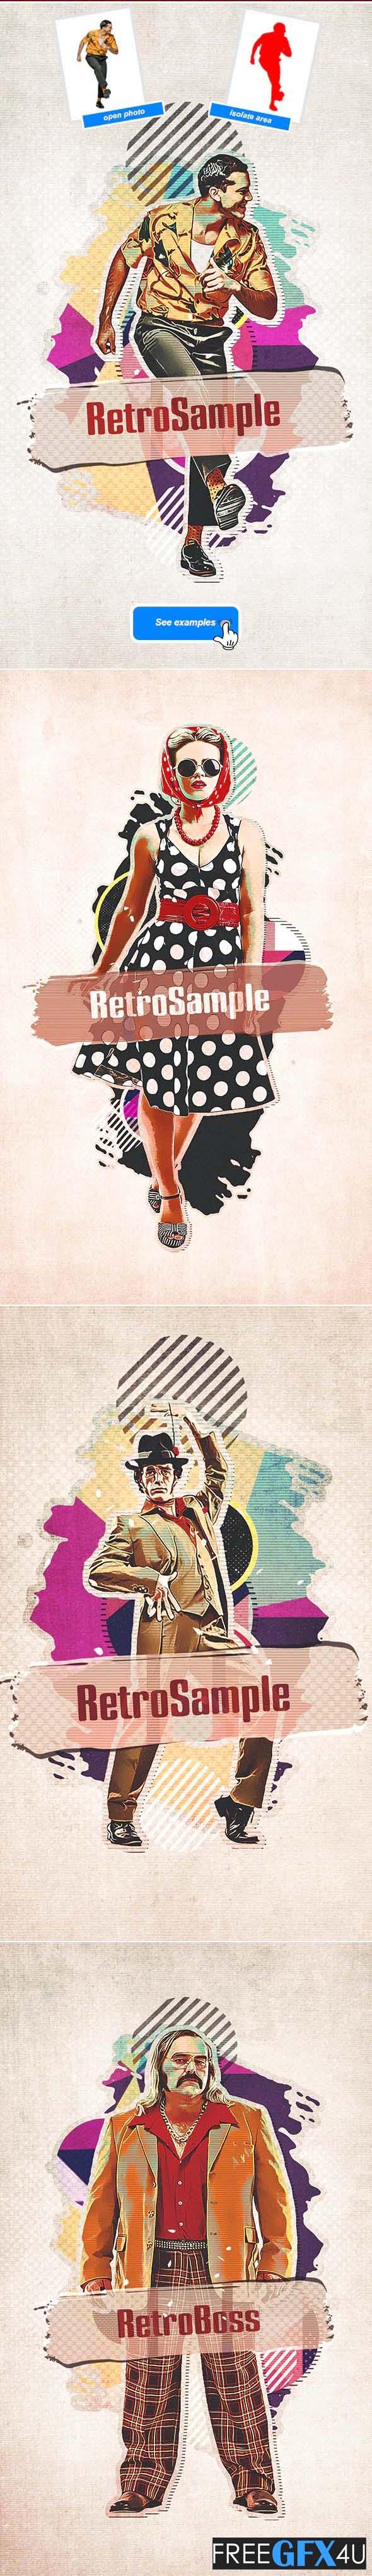 Retro Collage  Photoshop Action